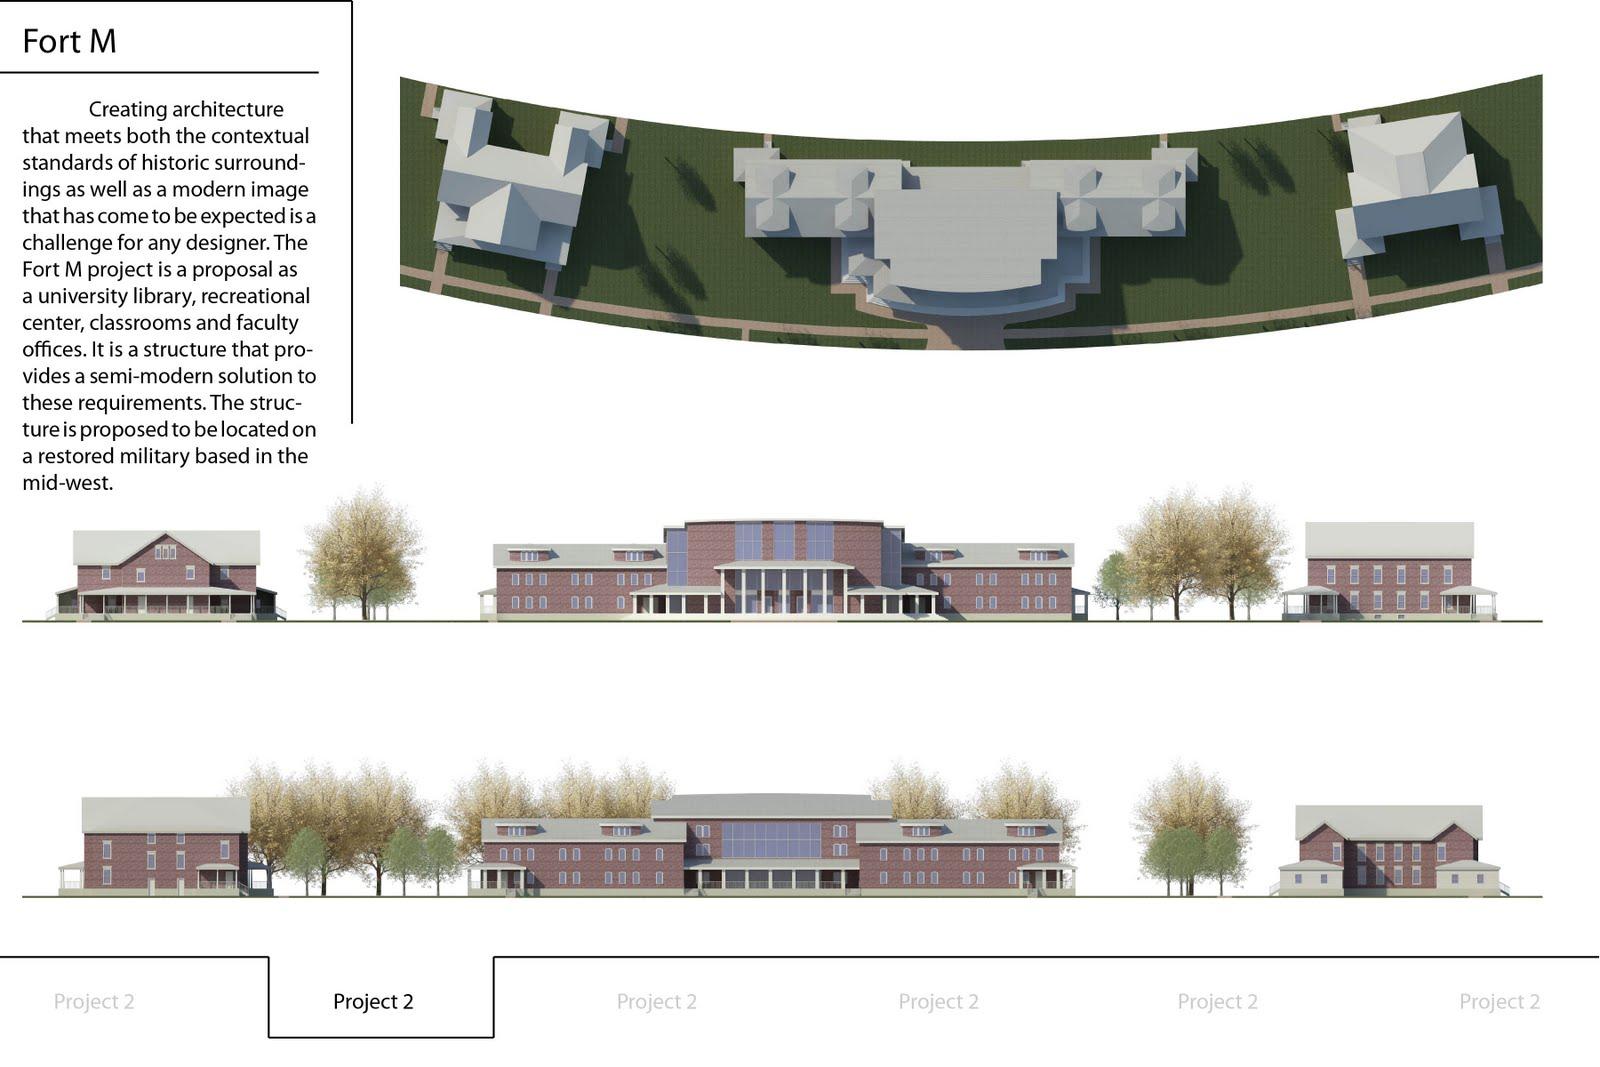 Conosciuto architecture portfolio layout - Gse.bookbinder.co RK69